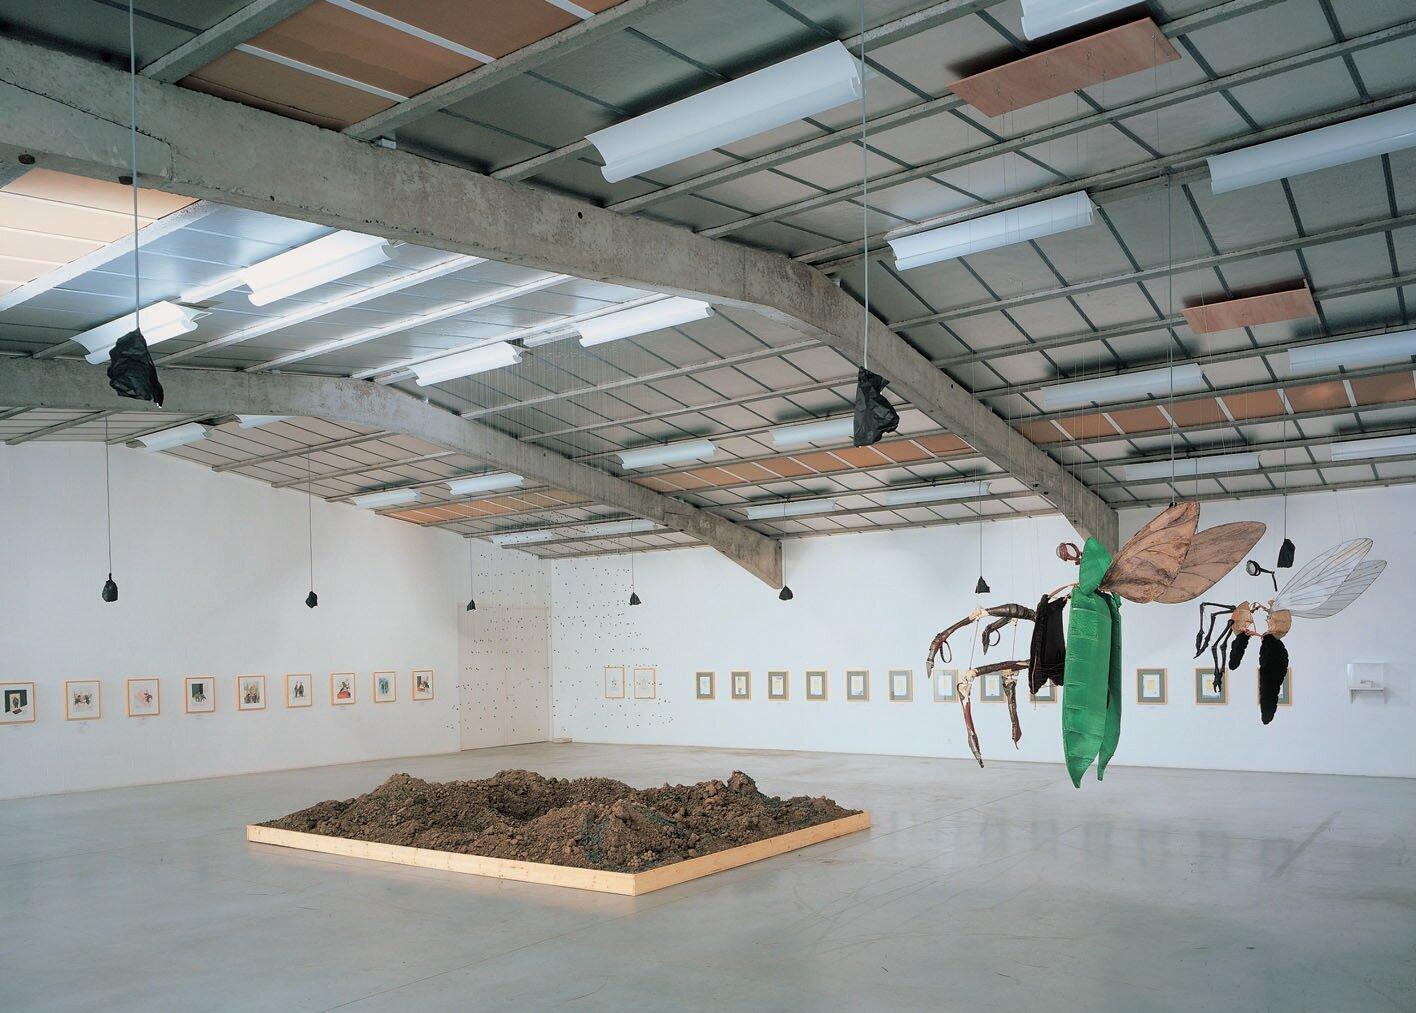 View-of-installation-Deweer-Art-Gallery-Otegem-1998-Photo-by-Dirk-Pauwels.jpg